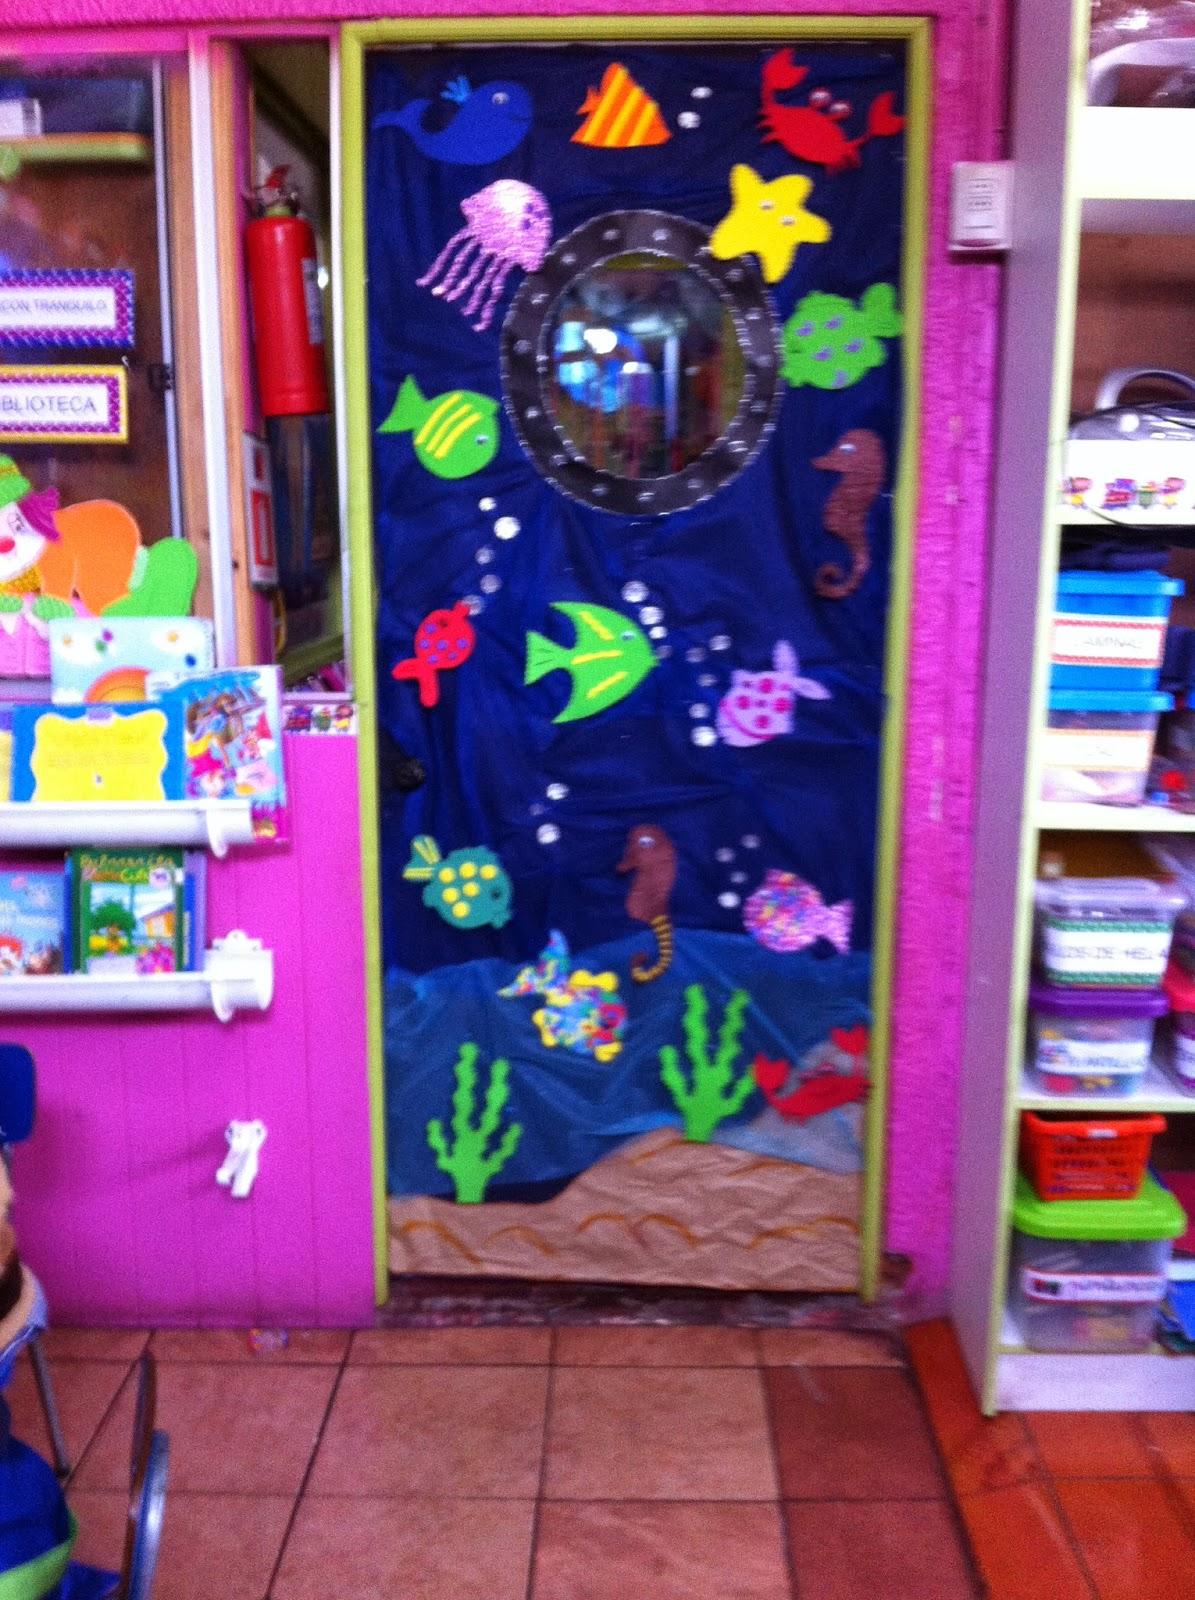 Jard n infantil un mundo de amor muestra de decoraci n for Decoracion para puertas